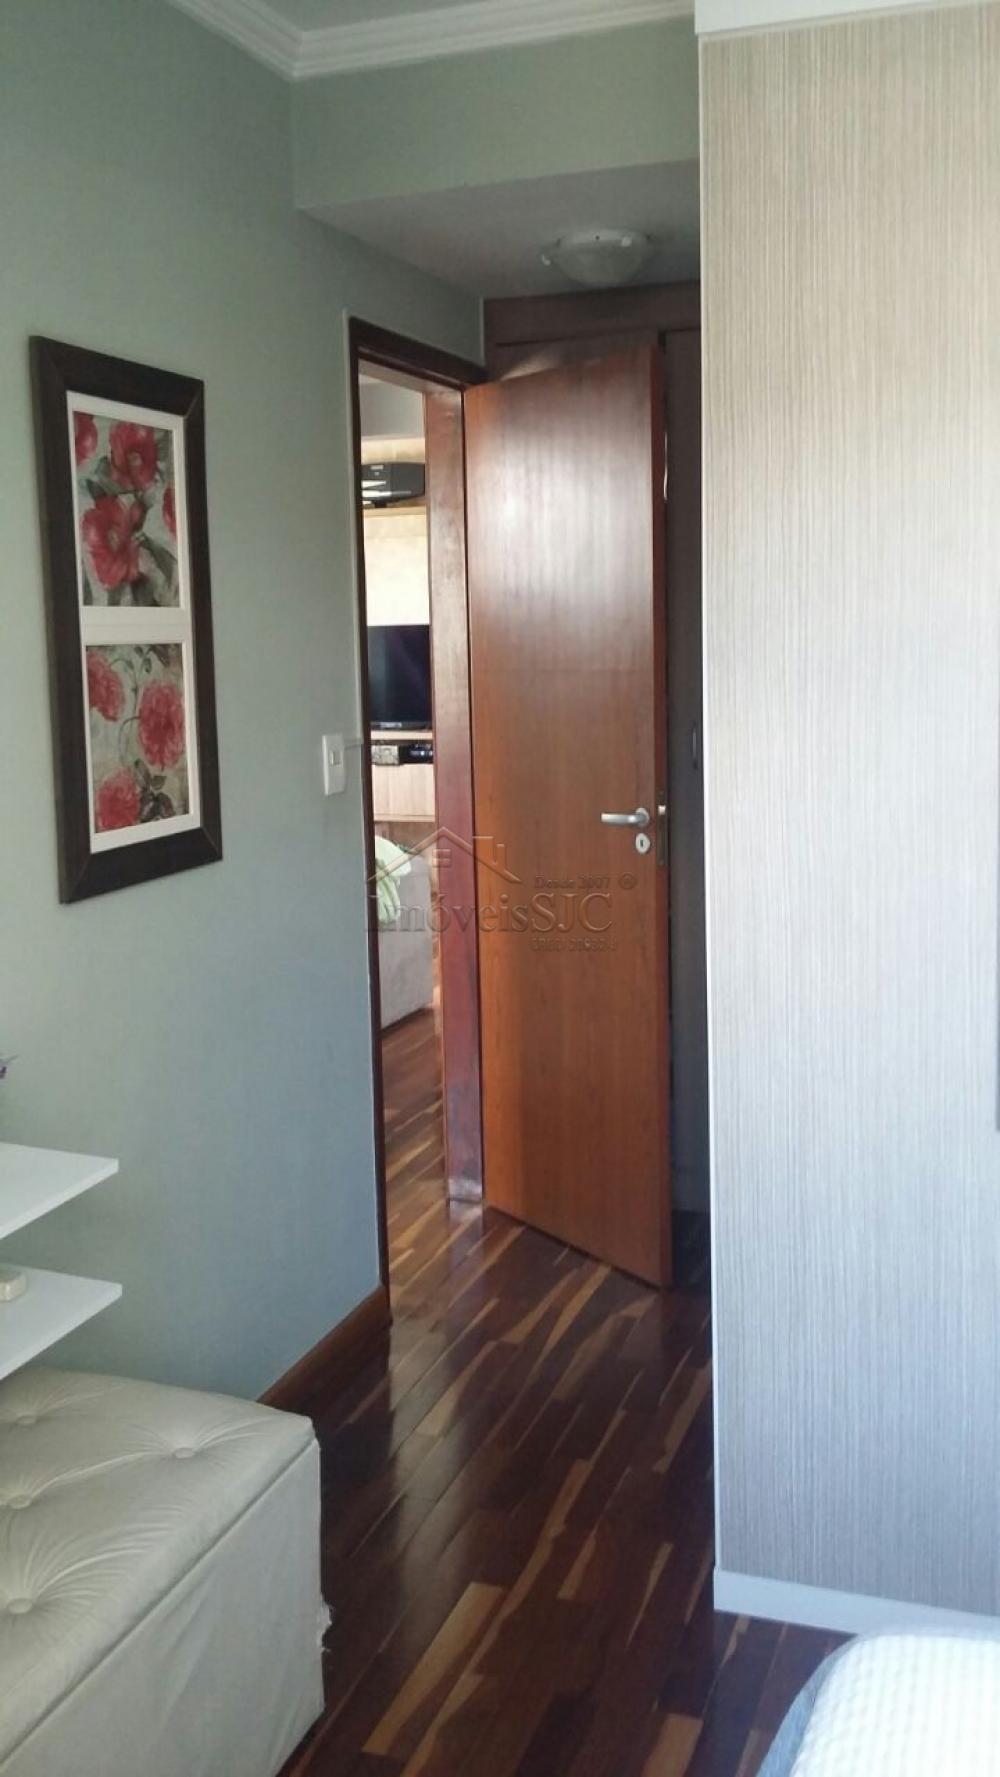 Comprar Apartamentos / Padrão em São José dos Campos apenas R$ 245.000,00 - Foto 2